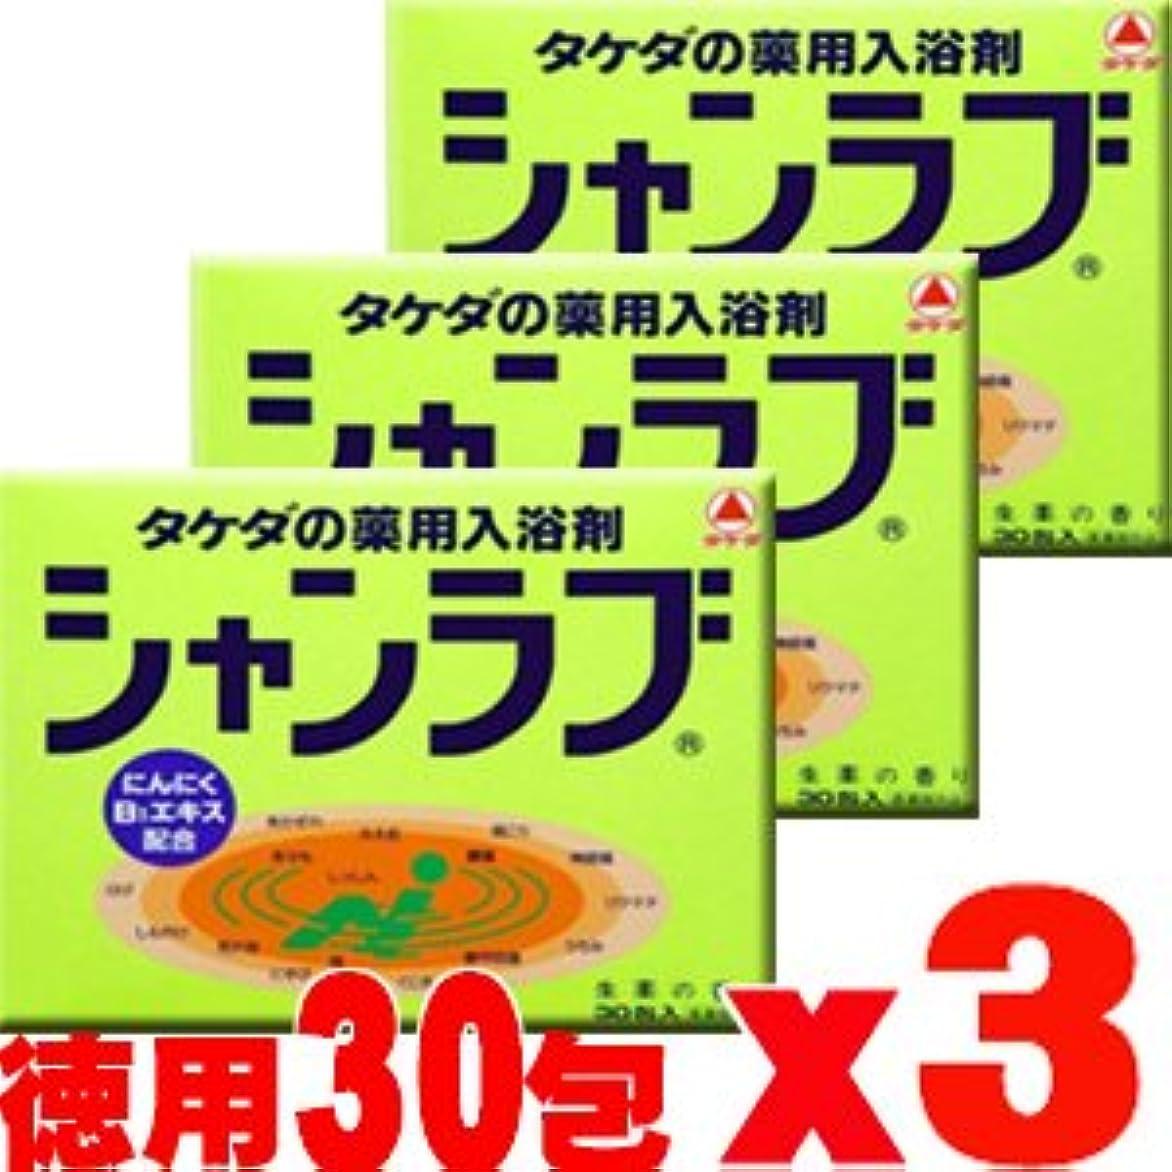 慈悲深い正直乗り出す【3個】 シャンラブ 生薬の香り (30g×30包)x3個 (4987123129640)